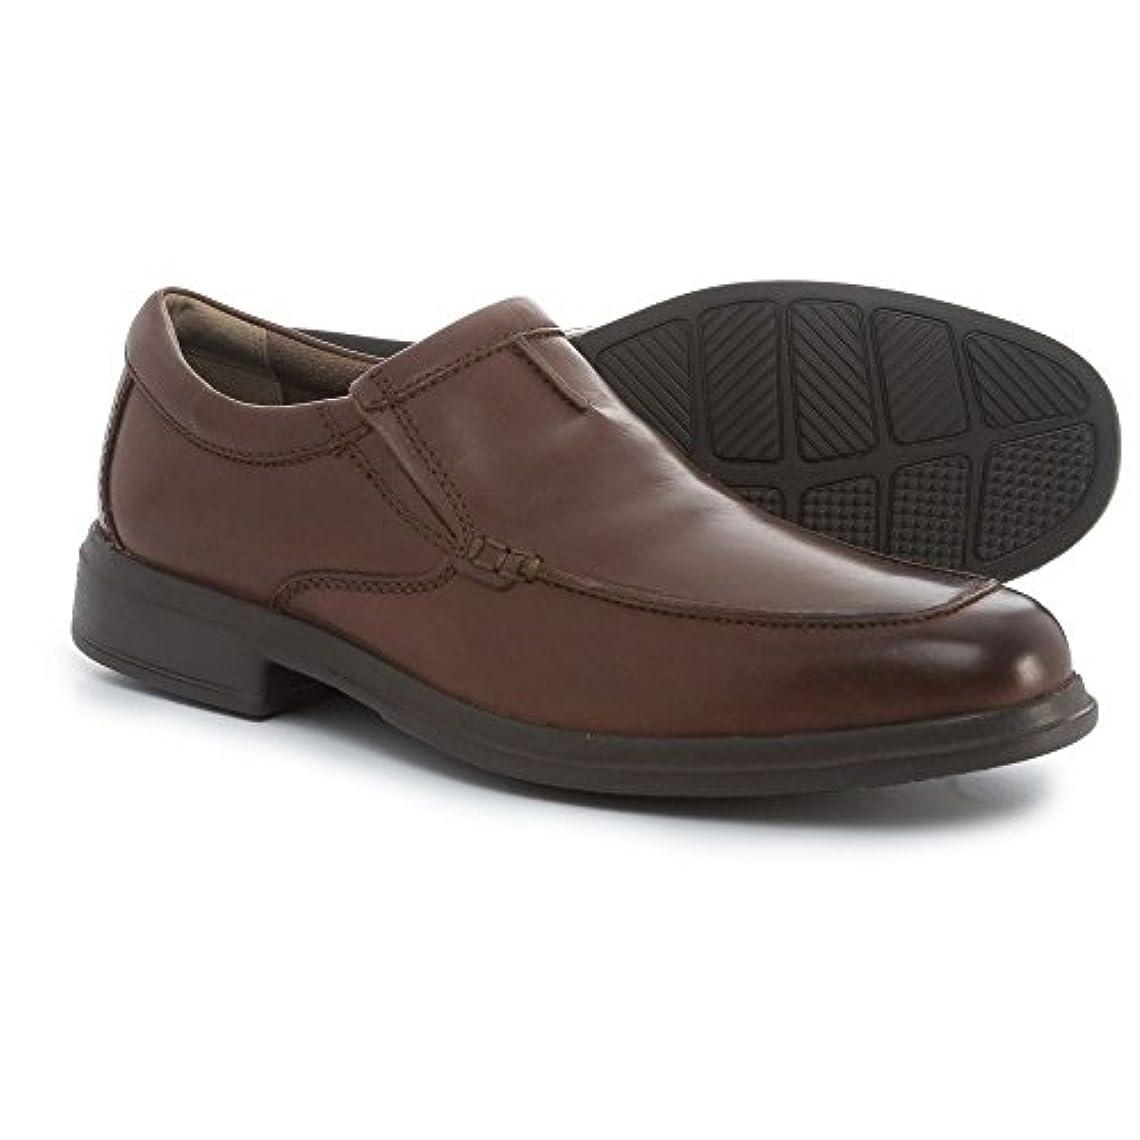 産地宿題なす(ボストニアン) Bostonian メンズ シューズ?靴 ローファー Tifton Step Loafers - Leather [並行輸入品]